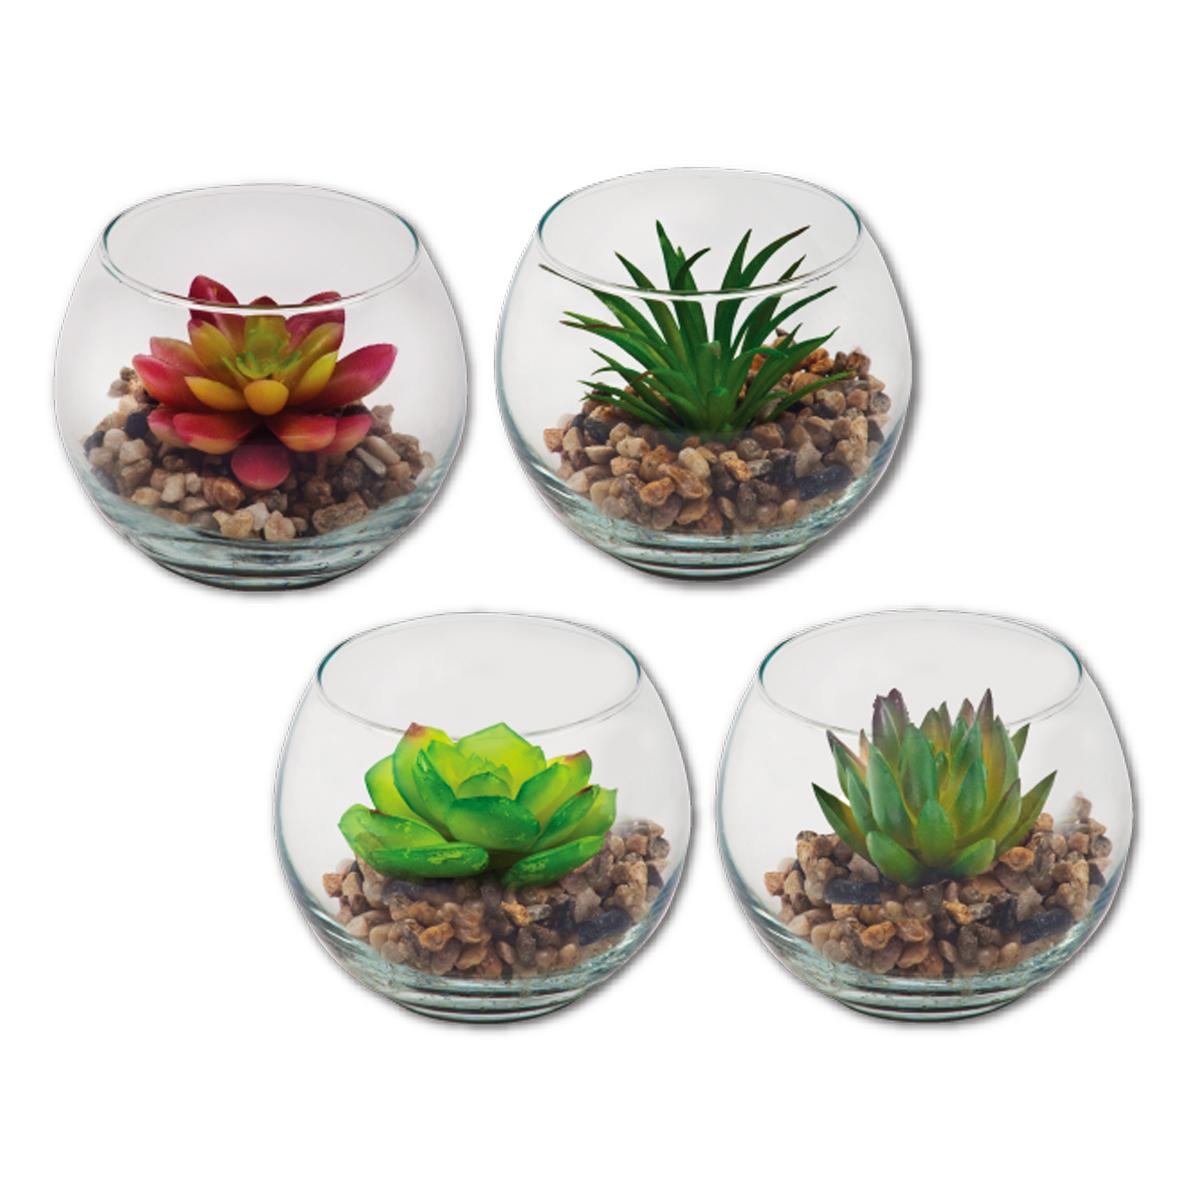 צמח   עציץ  מלאכותי בכלי זכוכית